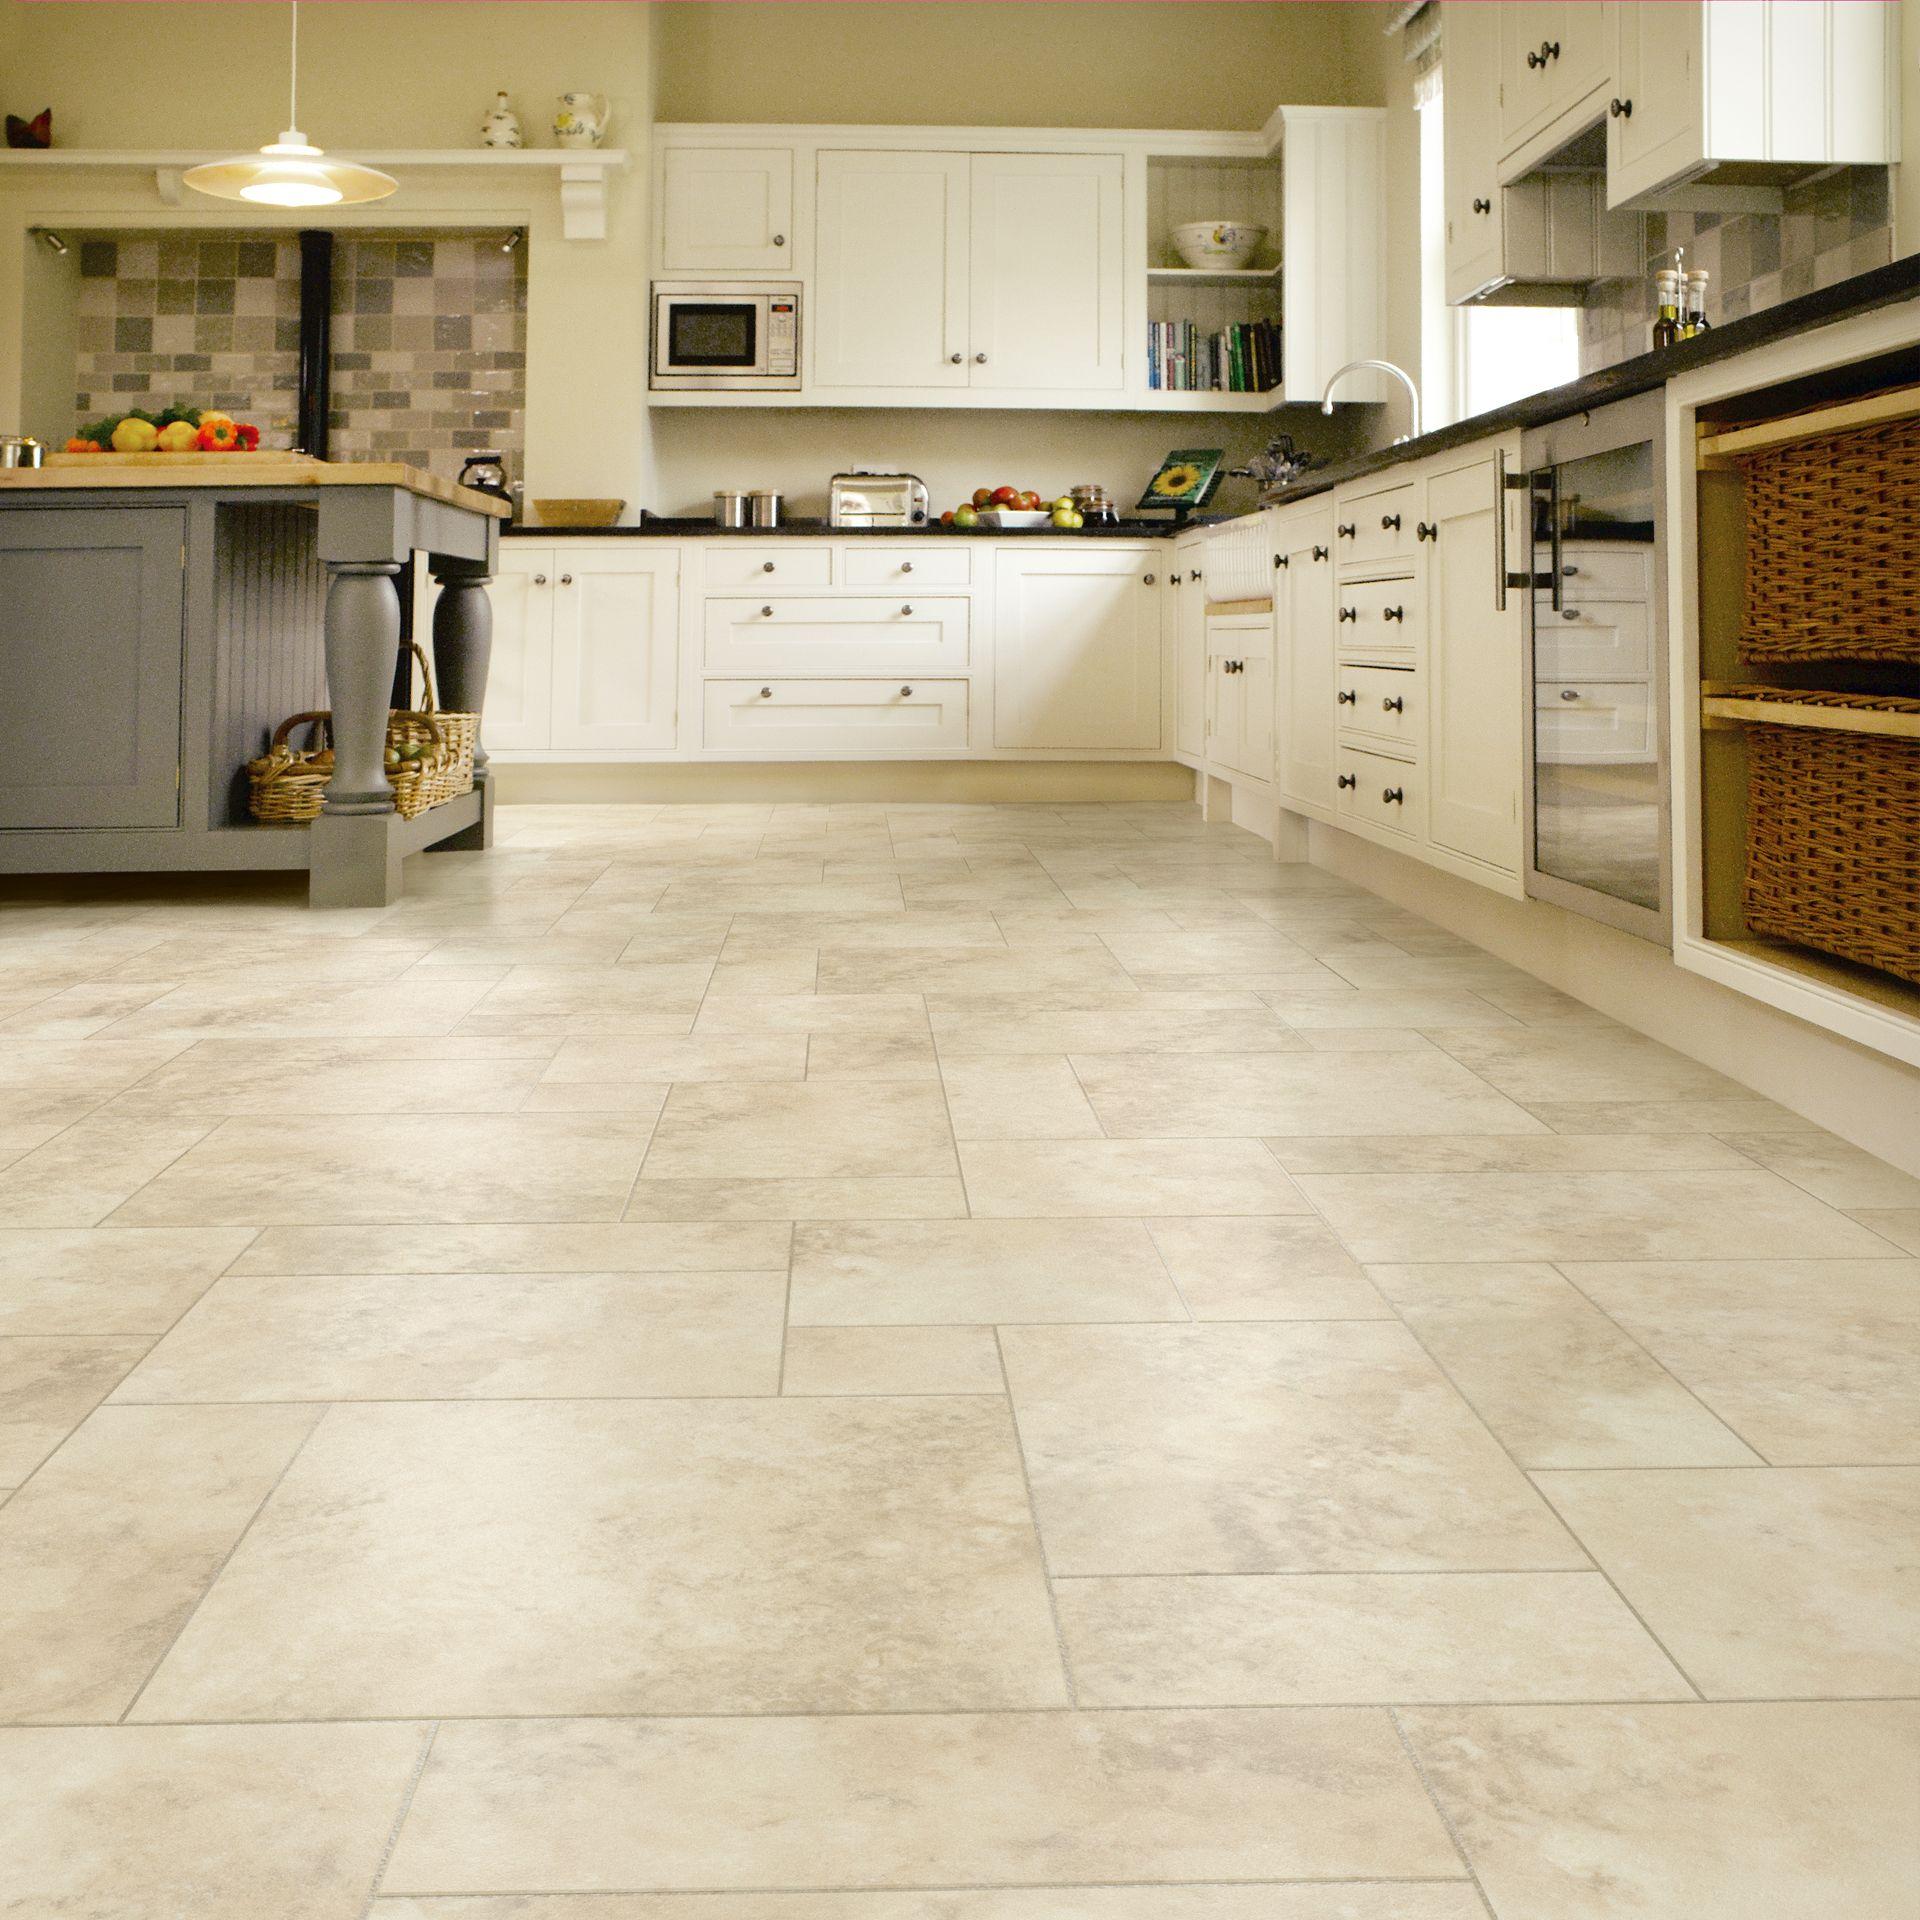 70 Tile Floor Farmhouse Kitchen Decor Ideas 21 Livingmarch Com Vinyl Flooring Kitchen Kitchen Flooring Kitchen Vinyl